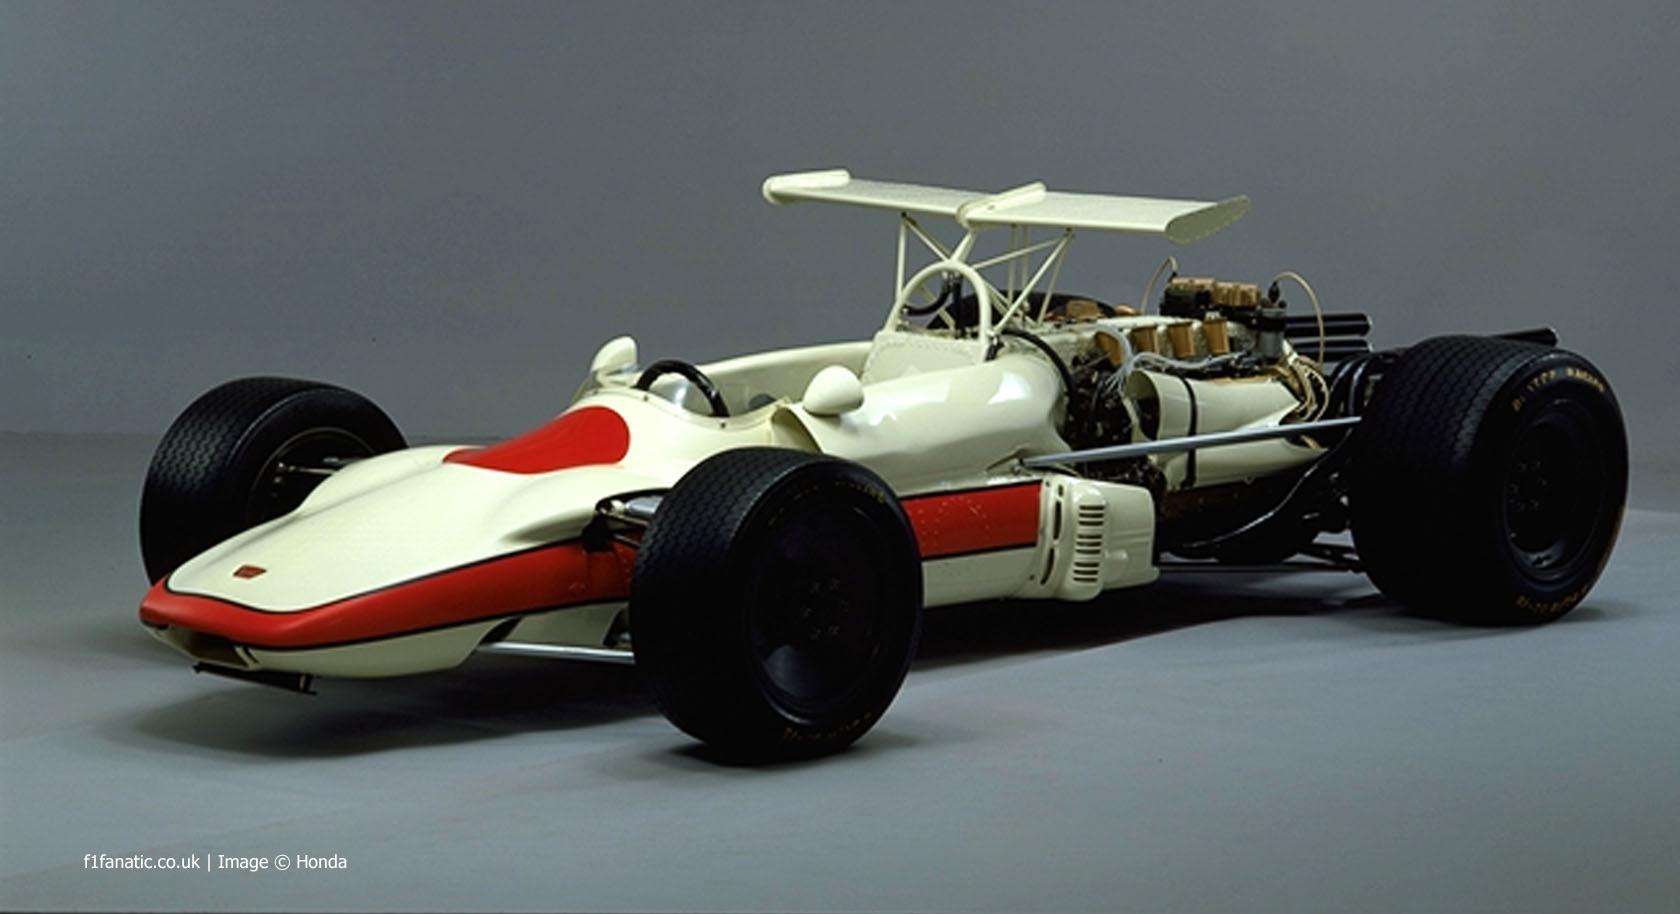 Honda Ra302 1968 F1 Fanatic